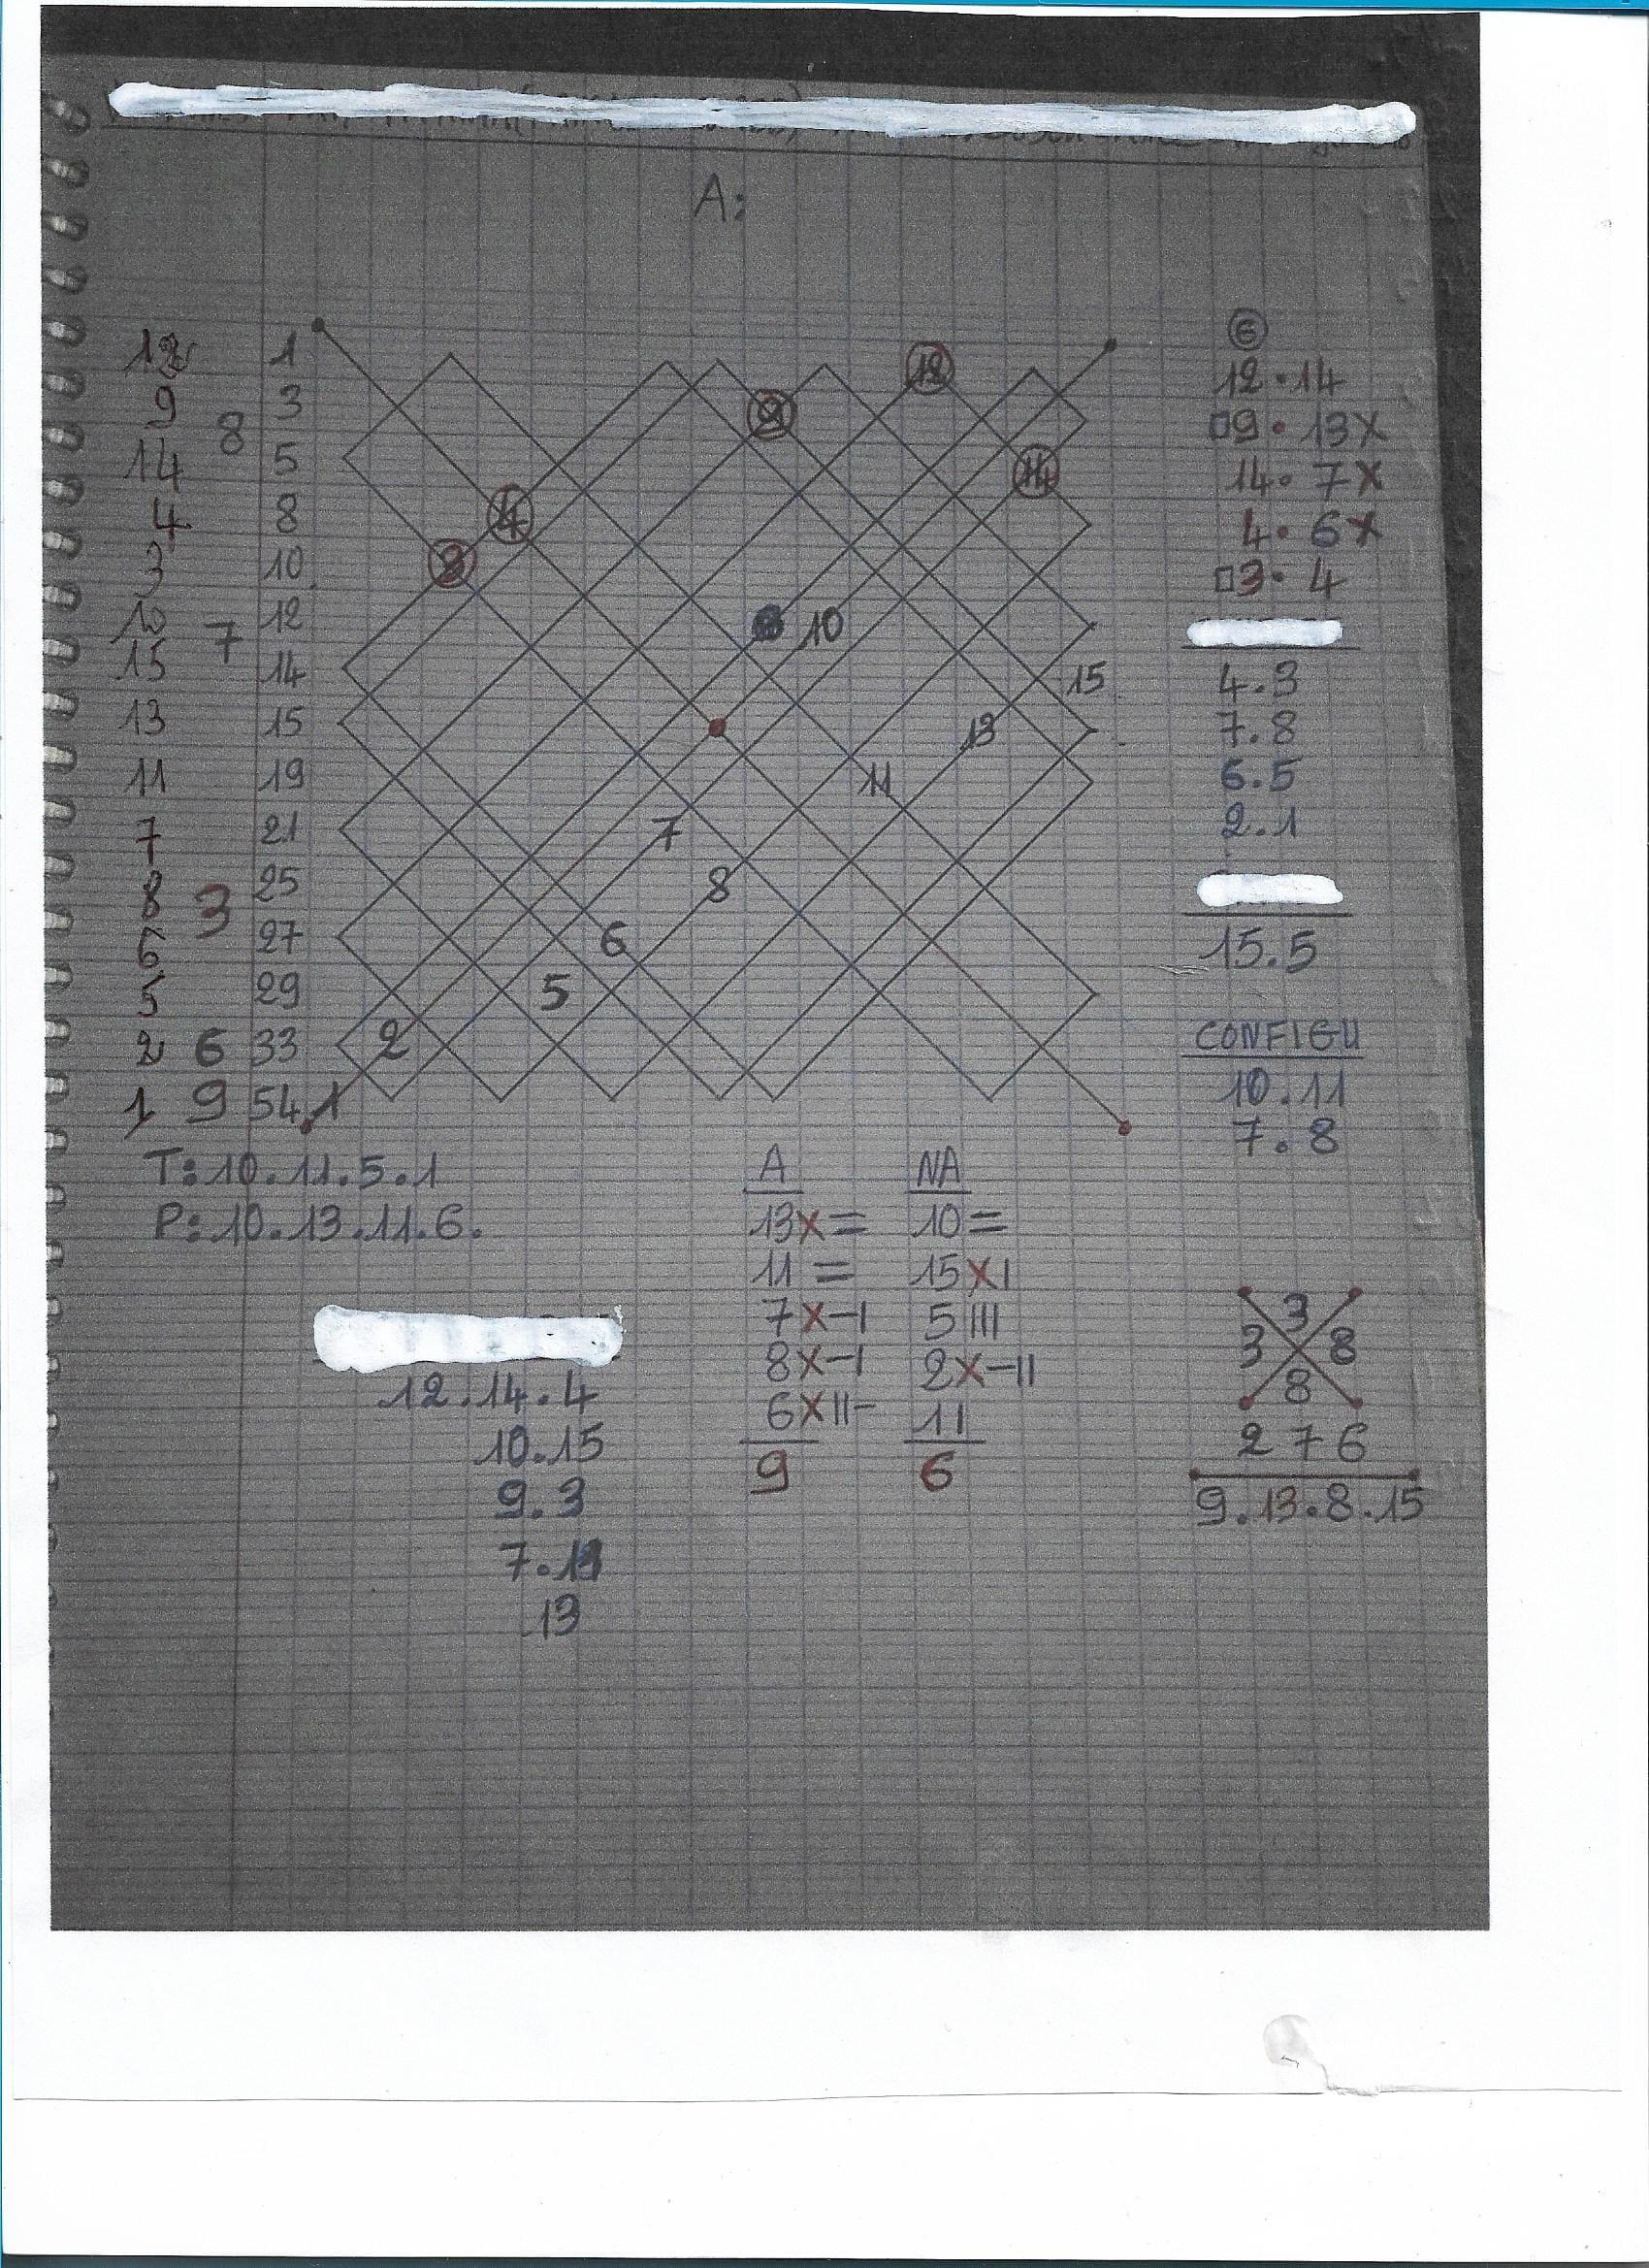 diagramme avec chiffre